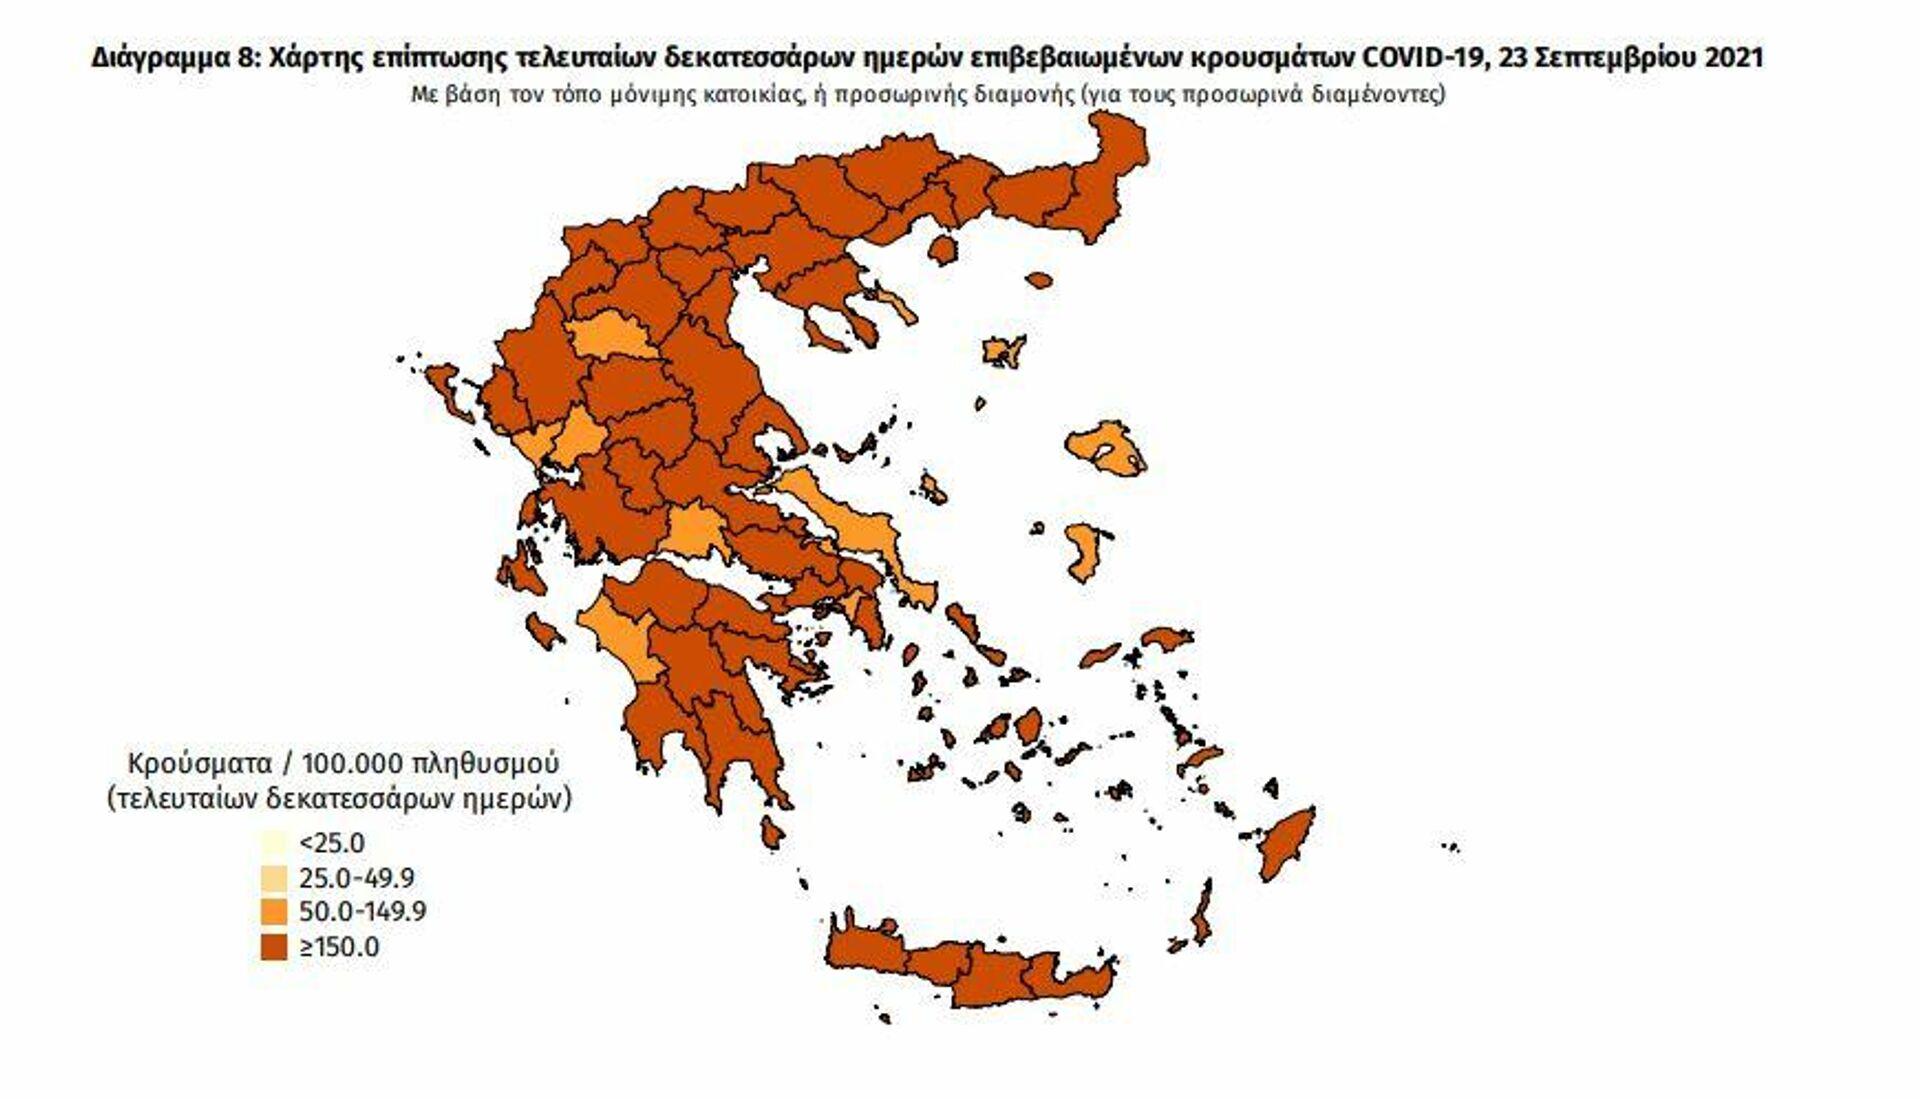 Χάρτης νέων κρουσμάτων, 23 Σεπτεμβρίου - Sputnik Ελλάδα, 1920, 23.09.2021